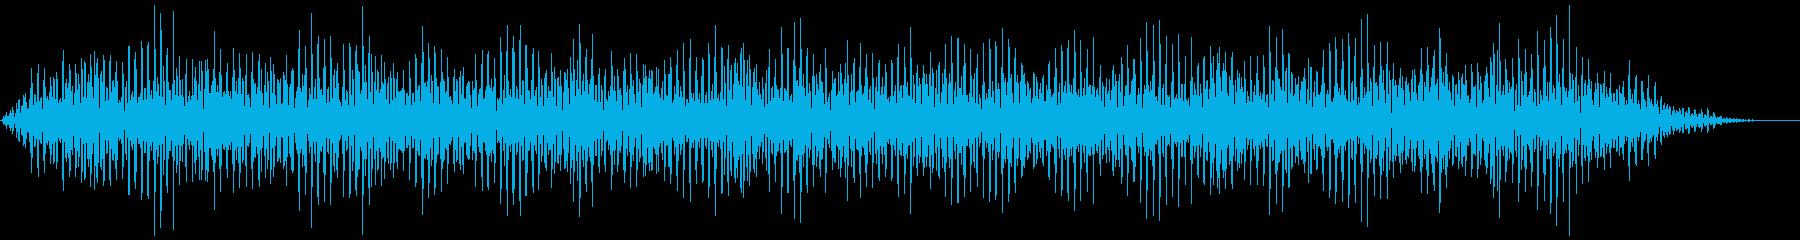 背景音 不気味の再生済みの波形